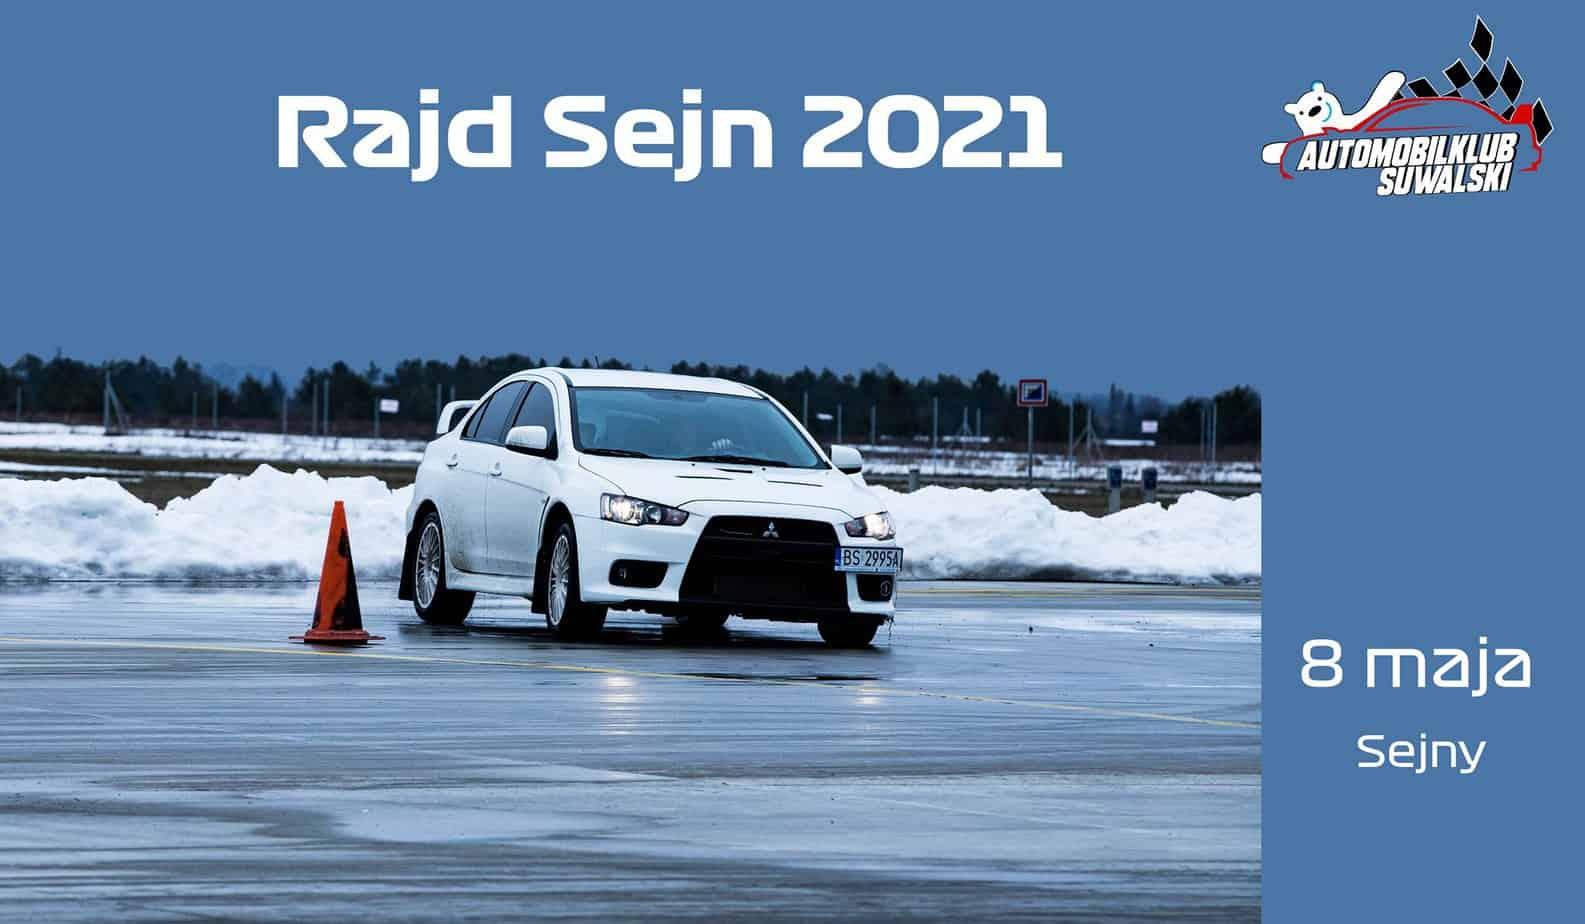 Już 8 maja rozpocznie się Charytatywny Rajd Sejn 2021!